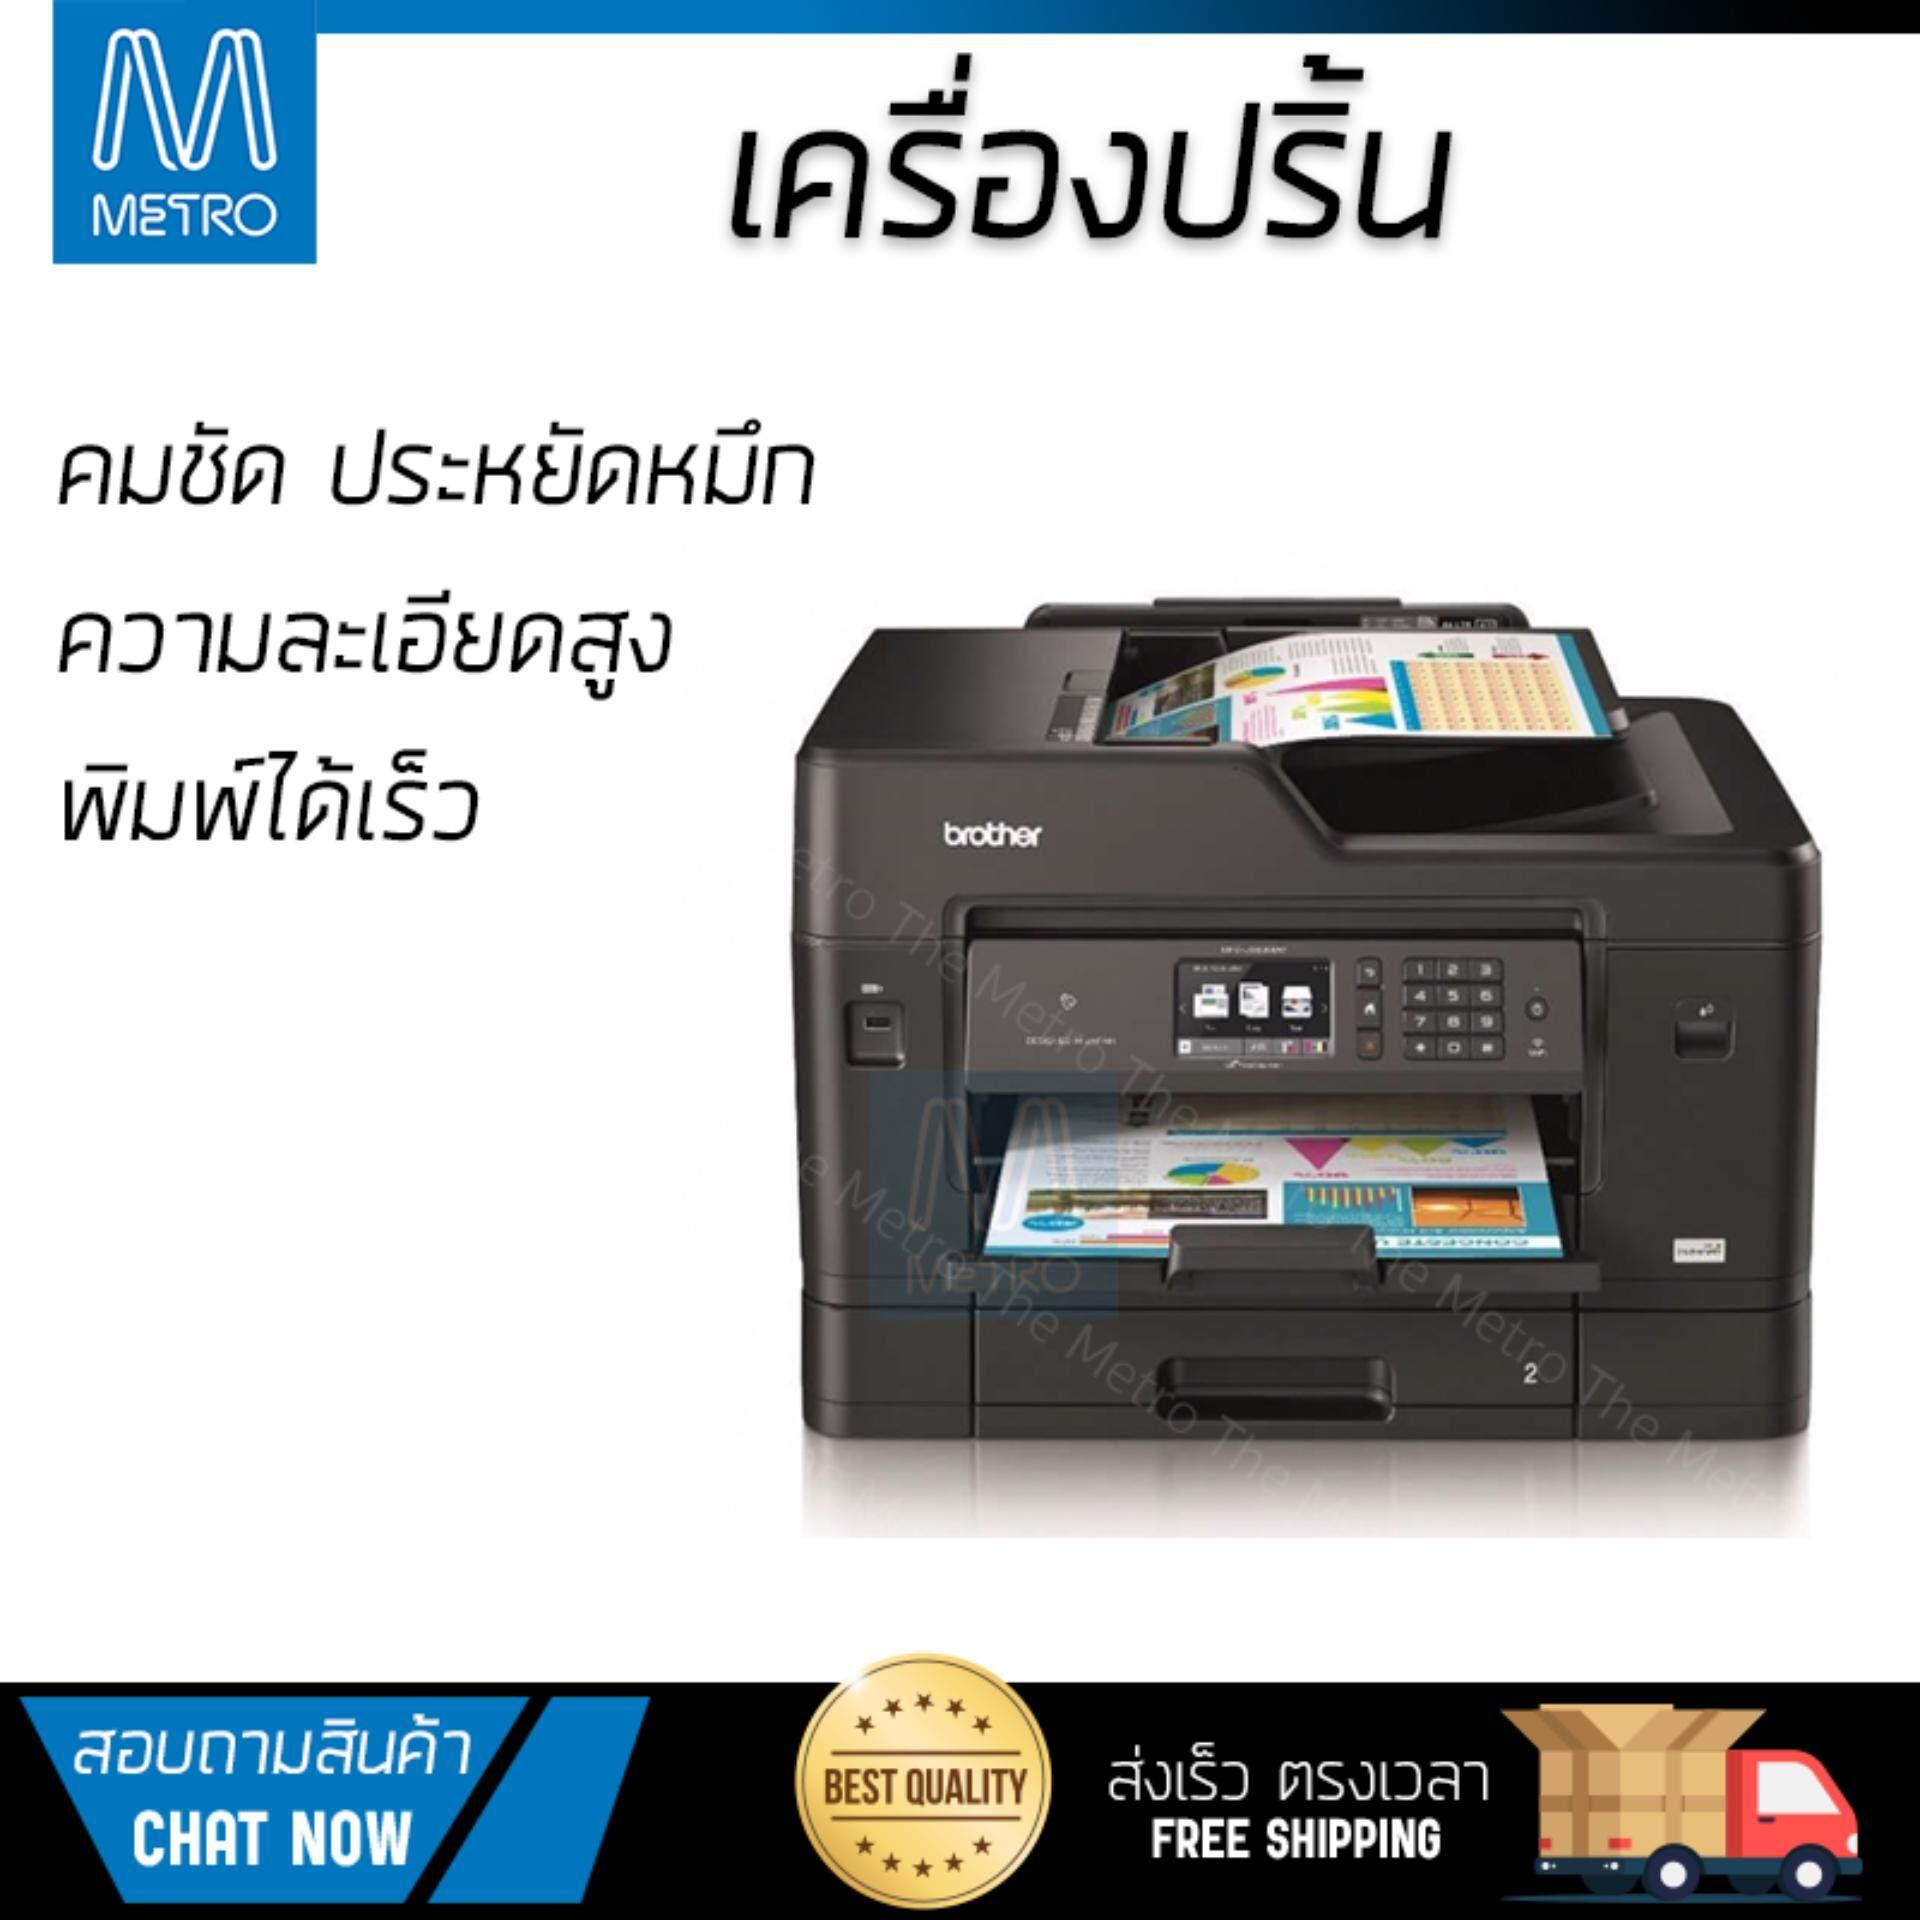 โปรโมชัน เครื่องพิมพ์เลเซอร์           BROTHER เครื่องพิมพ์อเนกประสงค์ 6IN1 รุ่น MFC-J3930DW             ความละเอียดสูง คมชัด พิมพ์ได้รวดเร็ว เครื่องปริ้น เครื่องปริ้นท์ Laser Printer รับประกันสินค้า